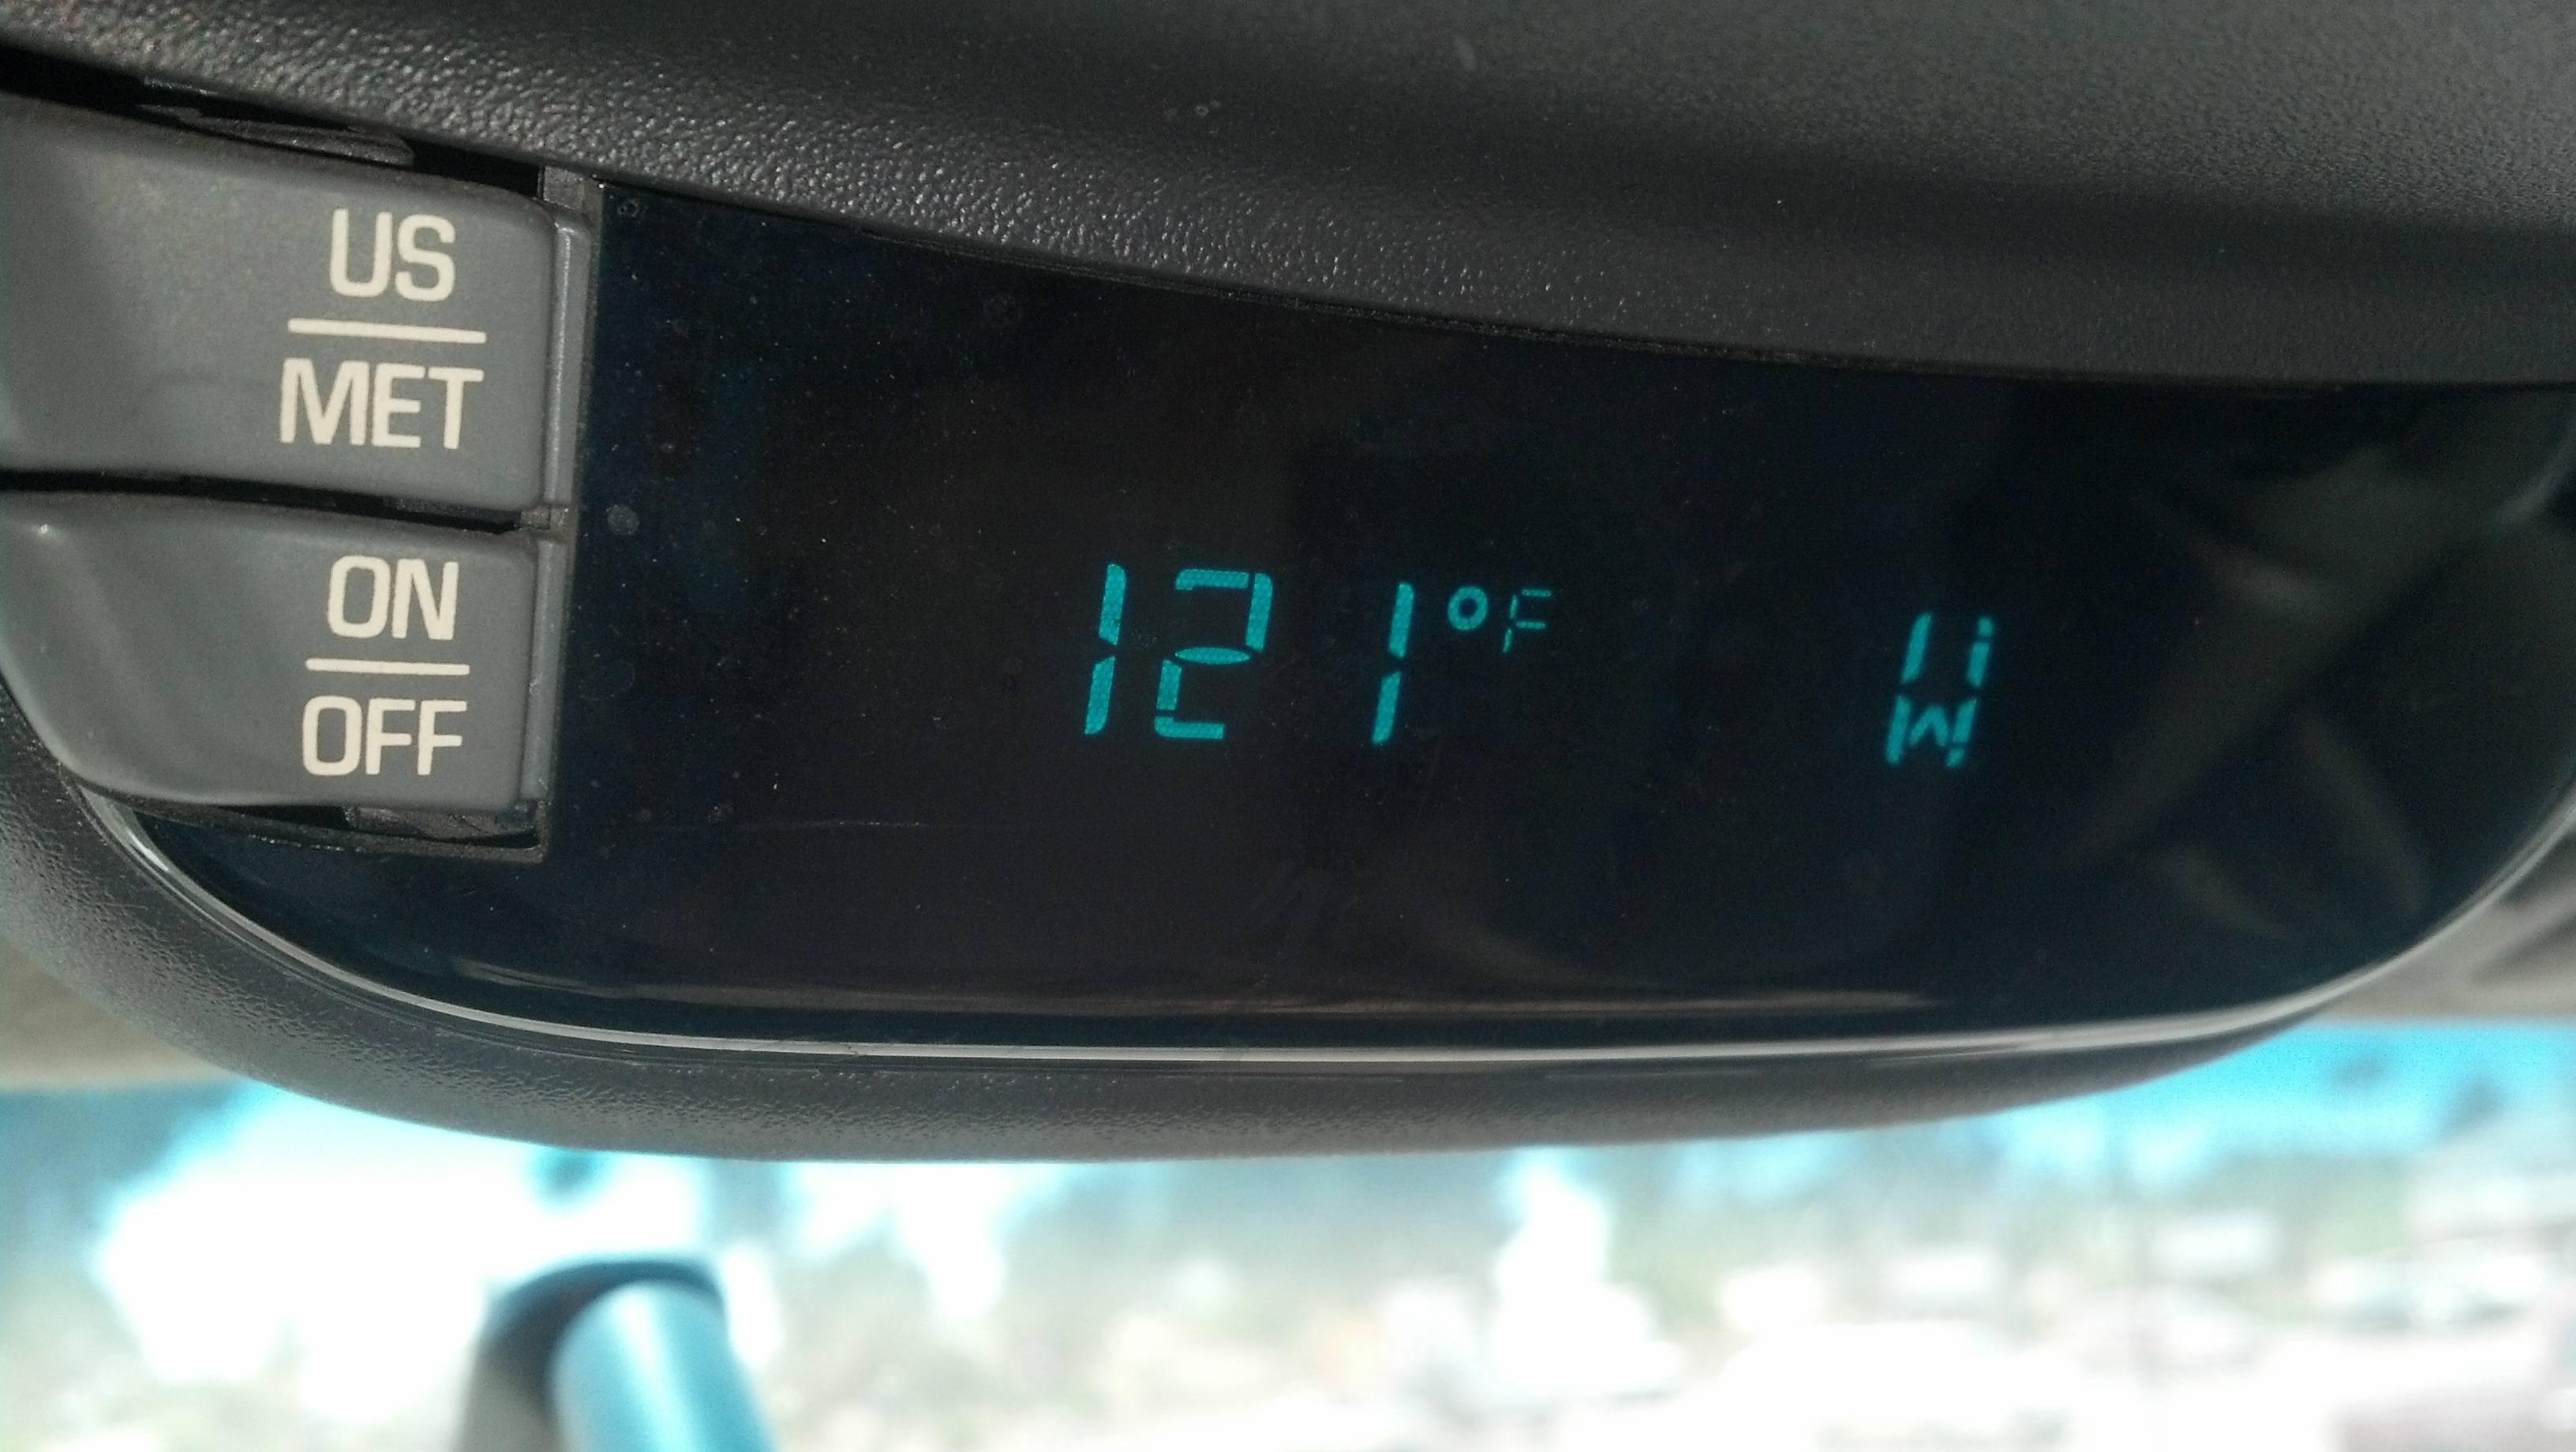 temperature in arizona state shown in a car